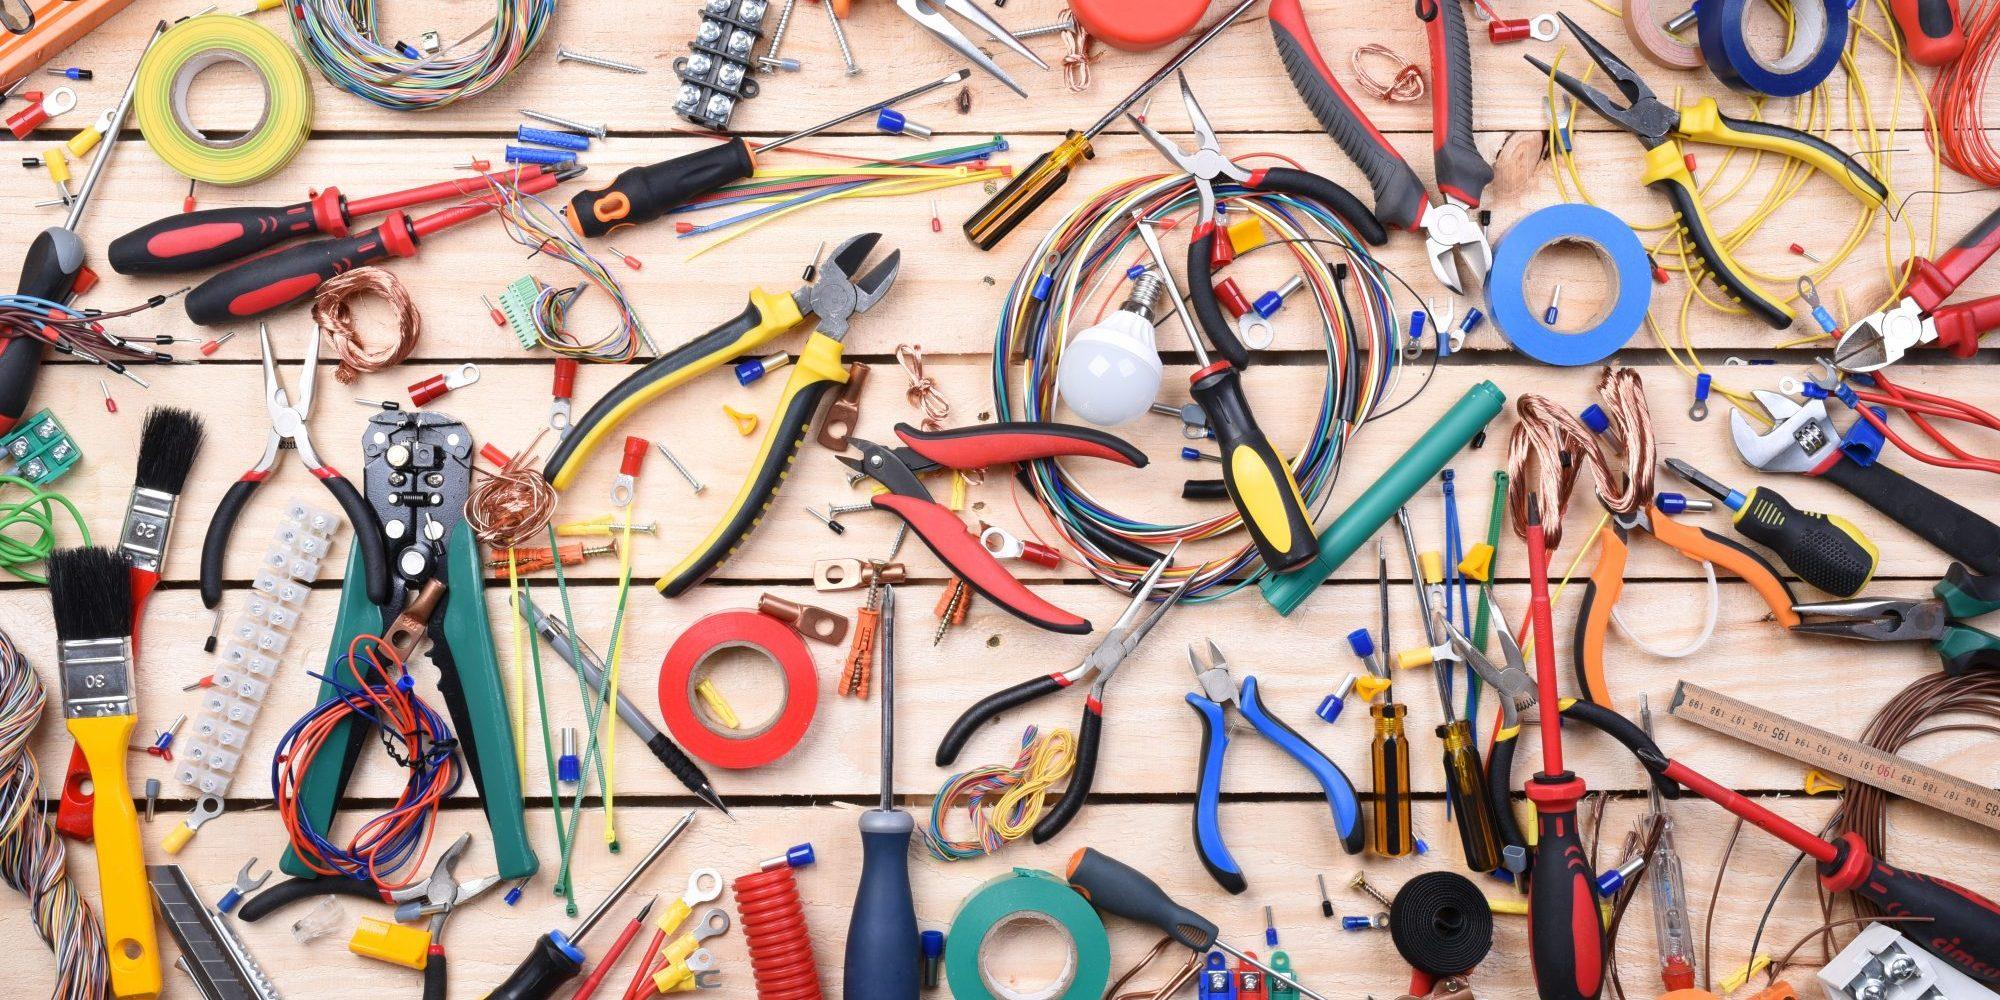 Allerlei Werkzeuge verteilt auf Holztisch